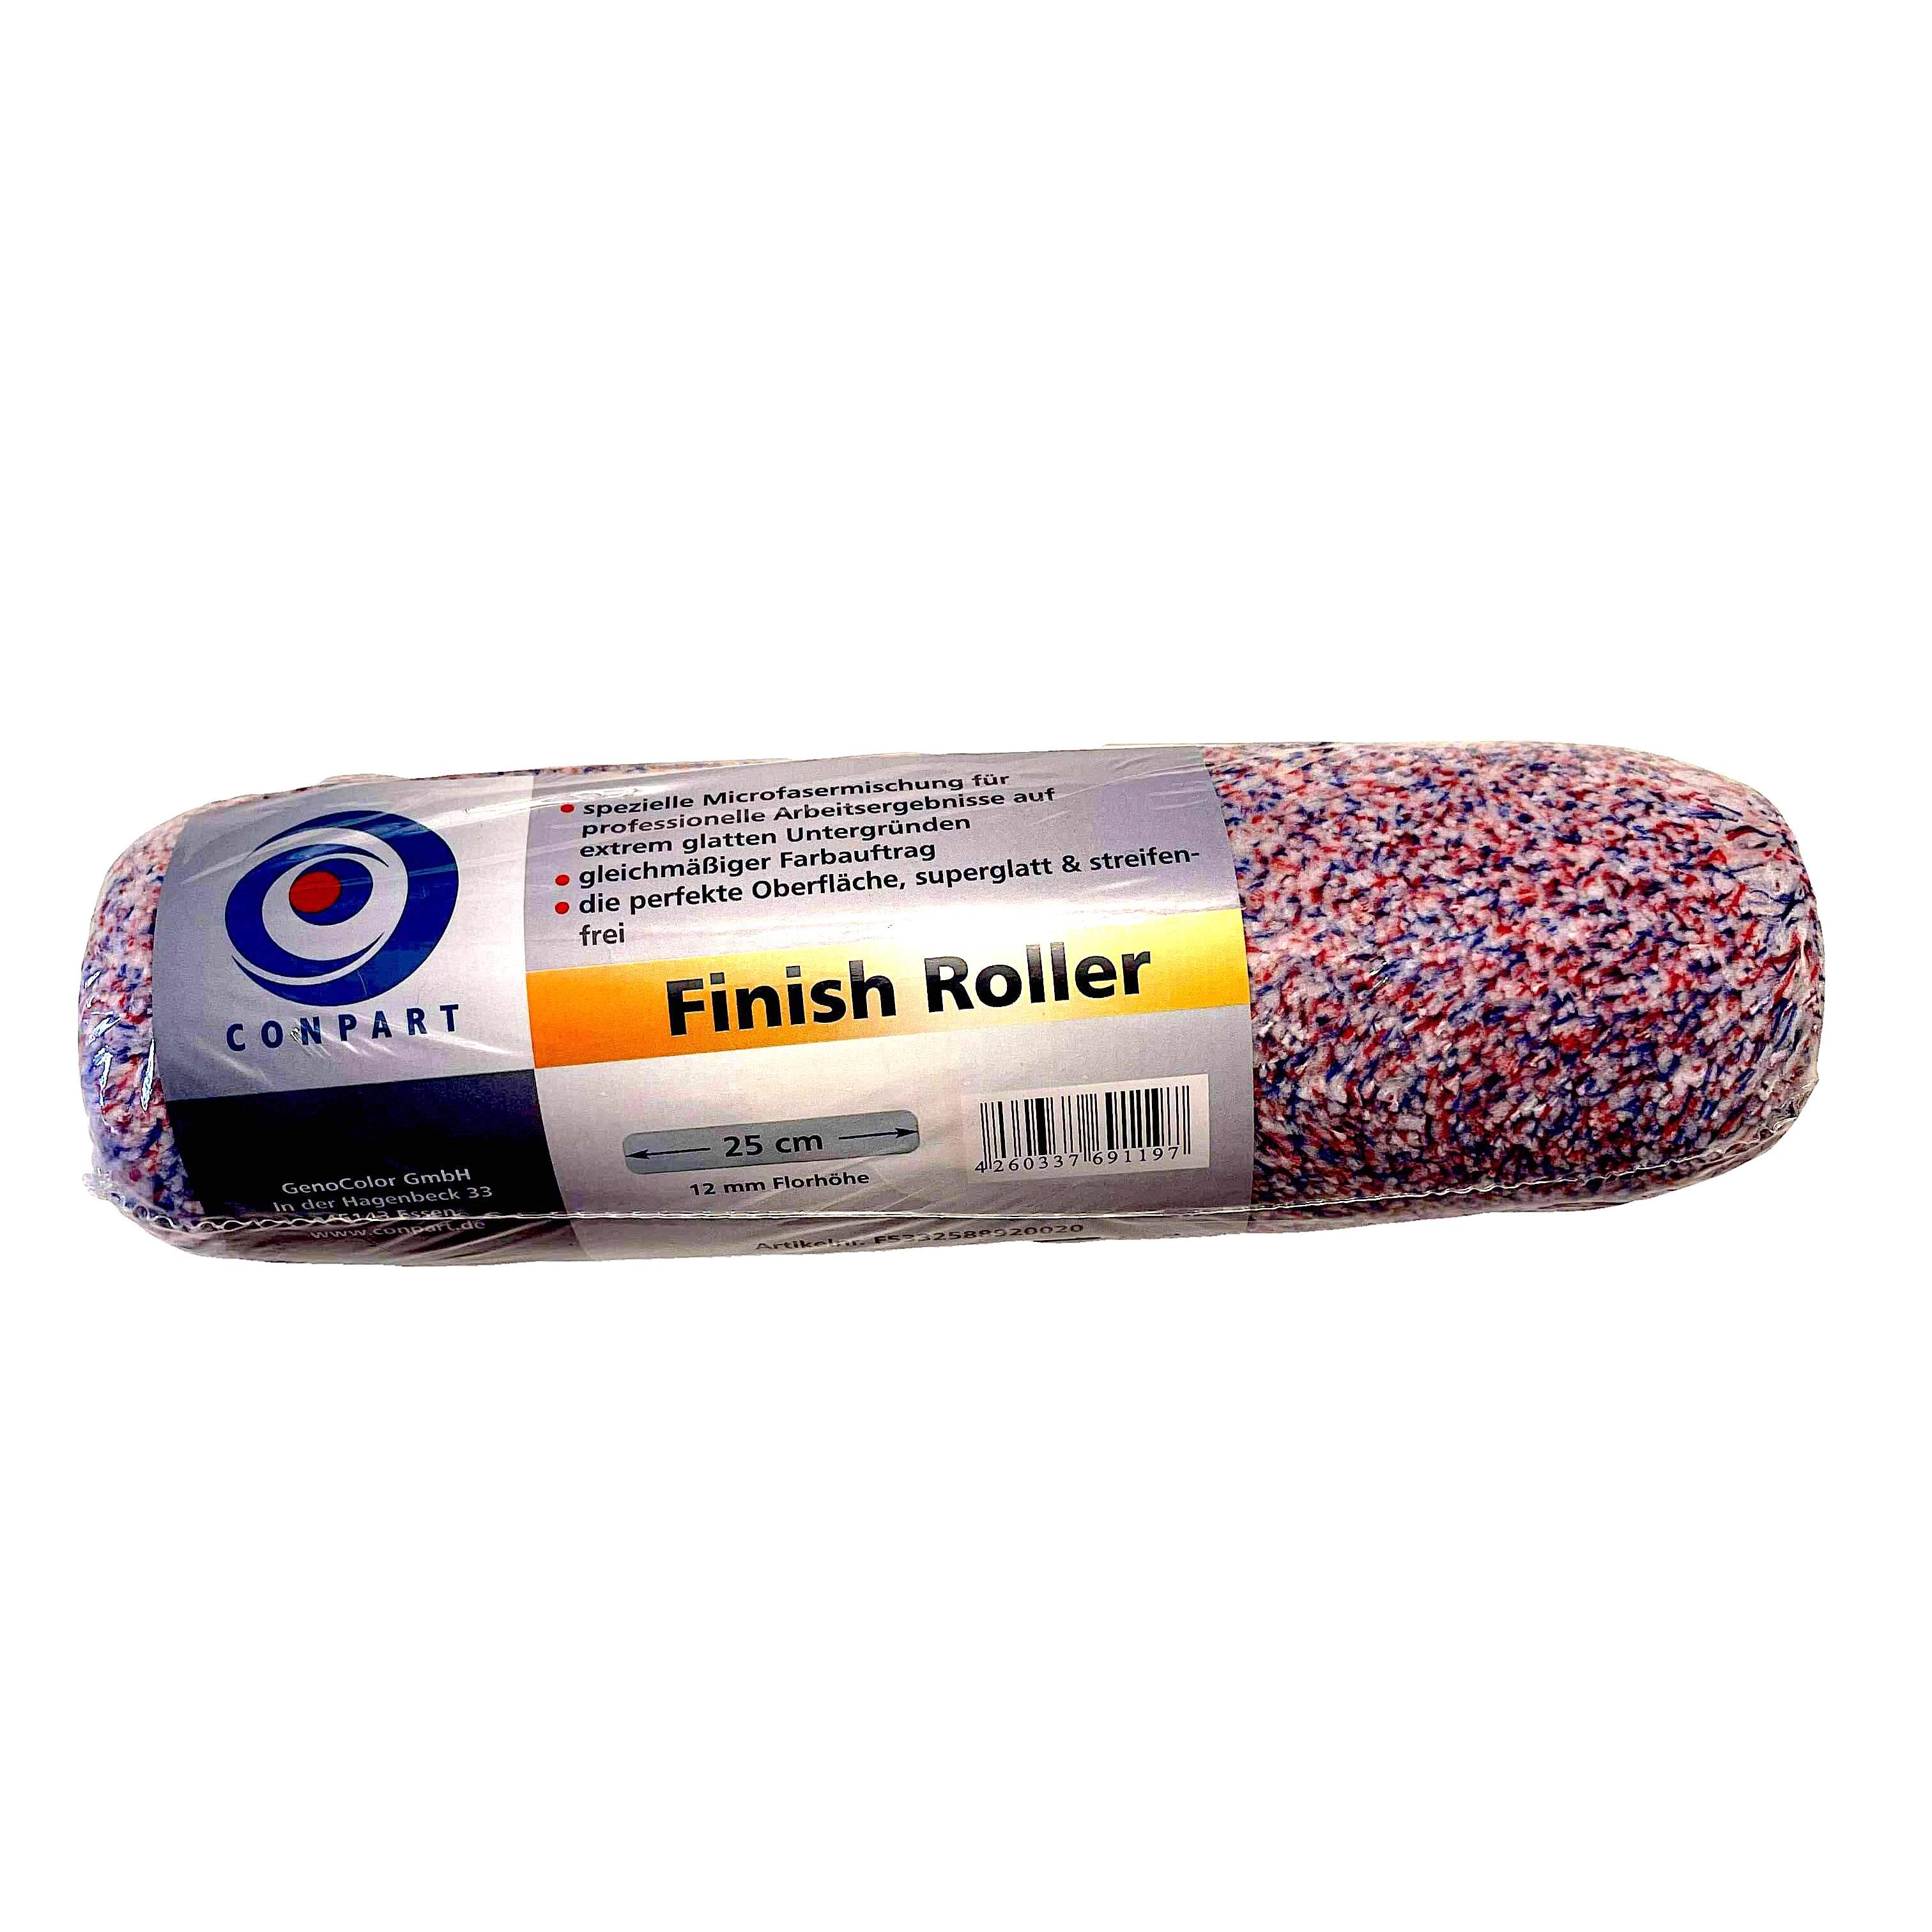 Conpart Finish Roller - 25cm Microfasermix Floorhöhe 12 mm